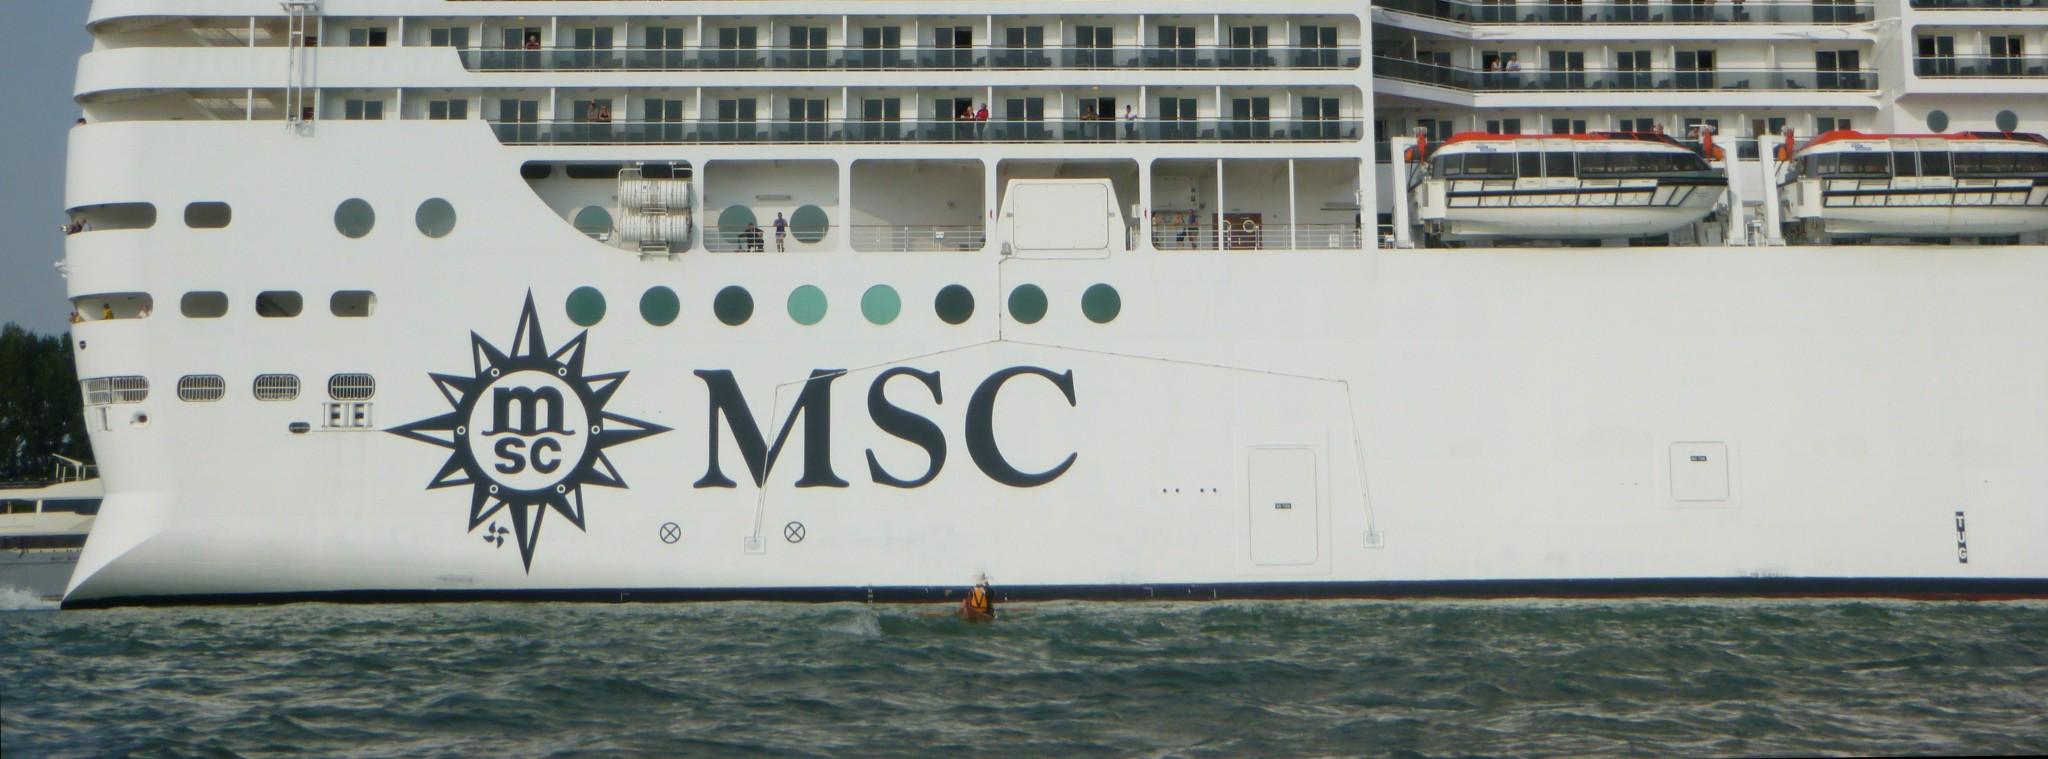 MSC cover